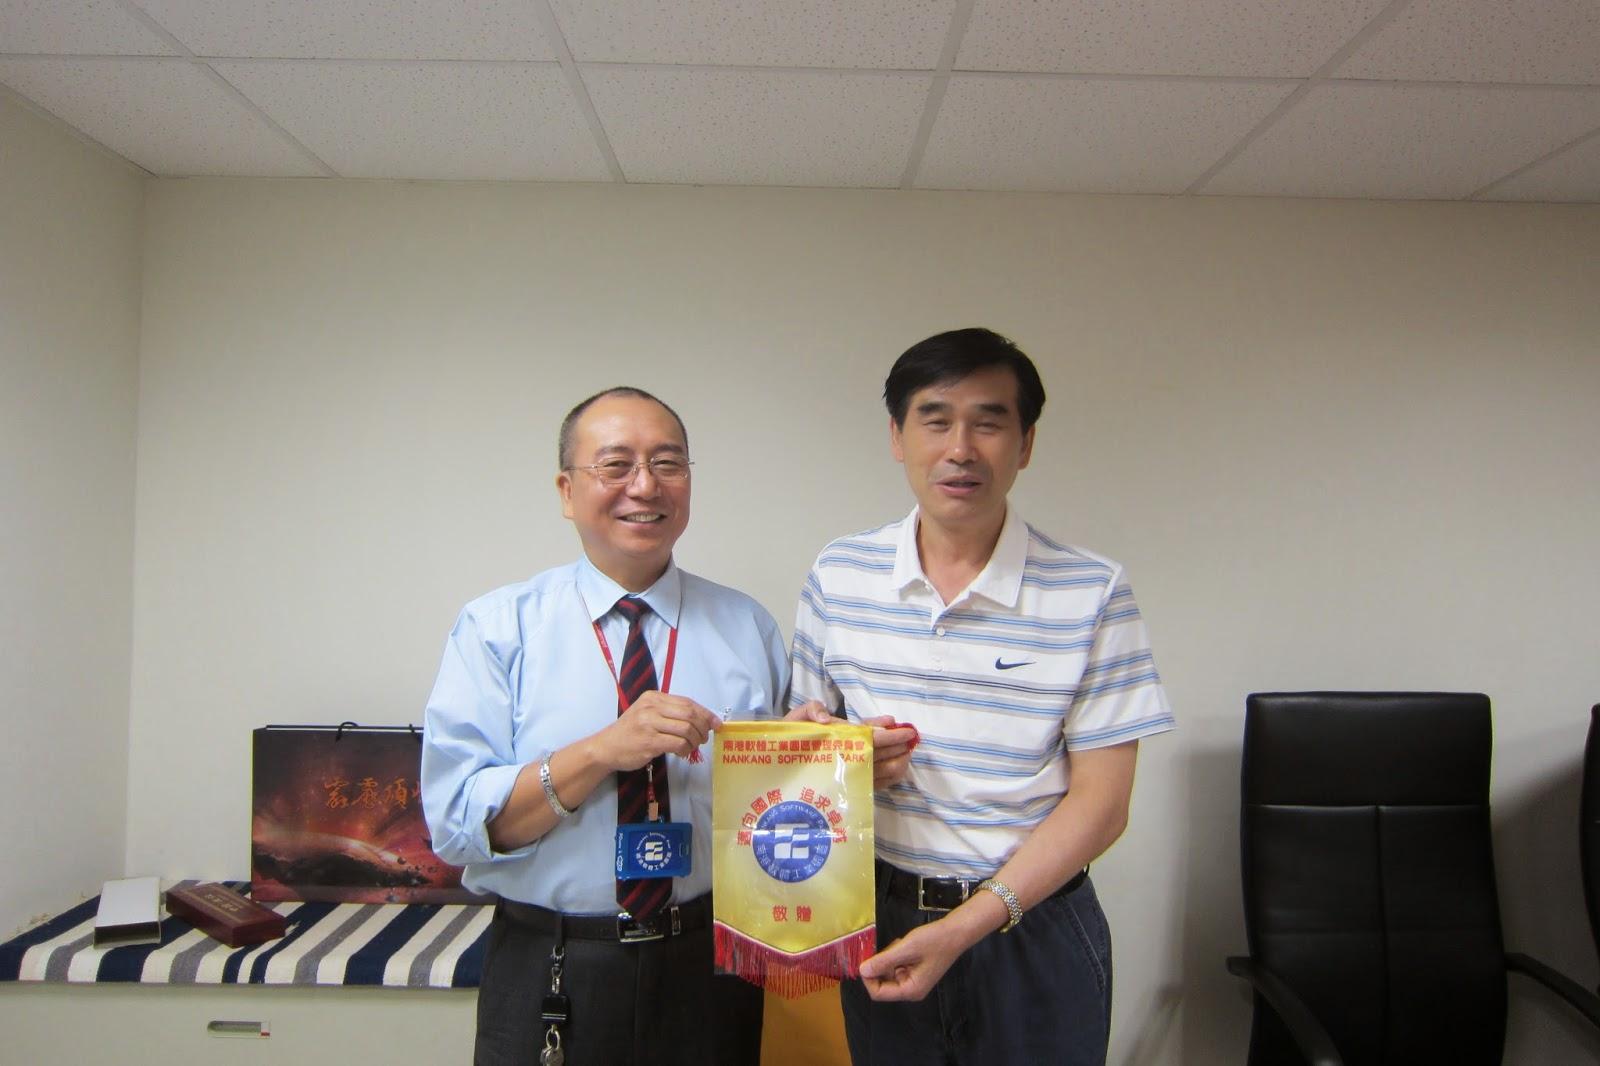 湖北省商標協會參訪團